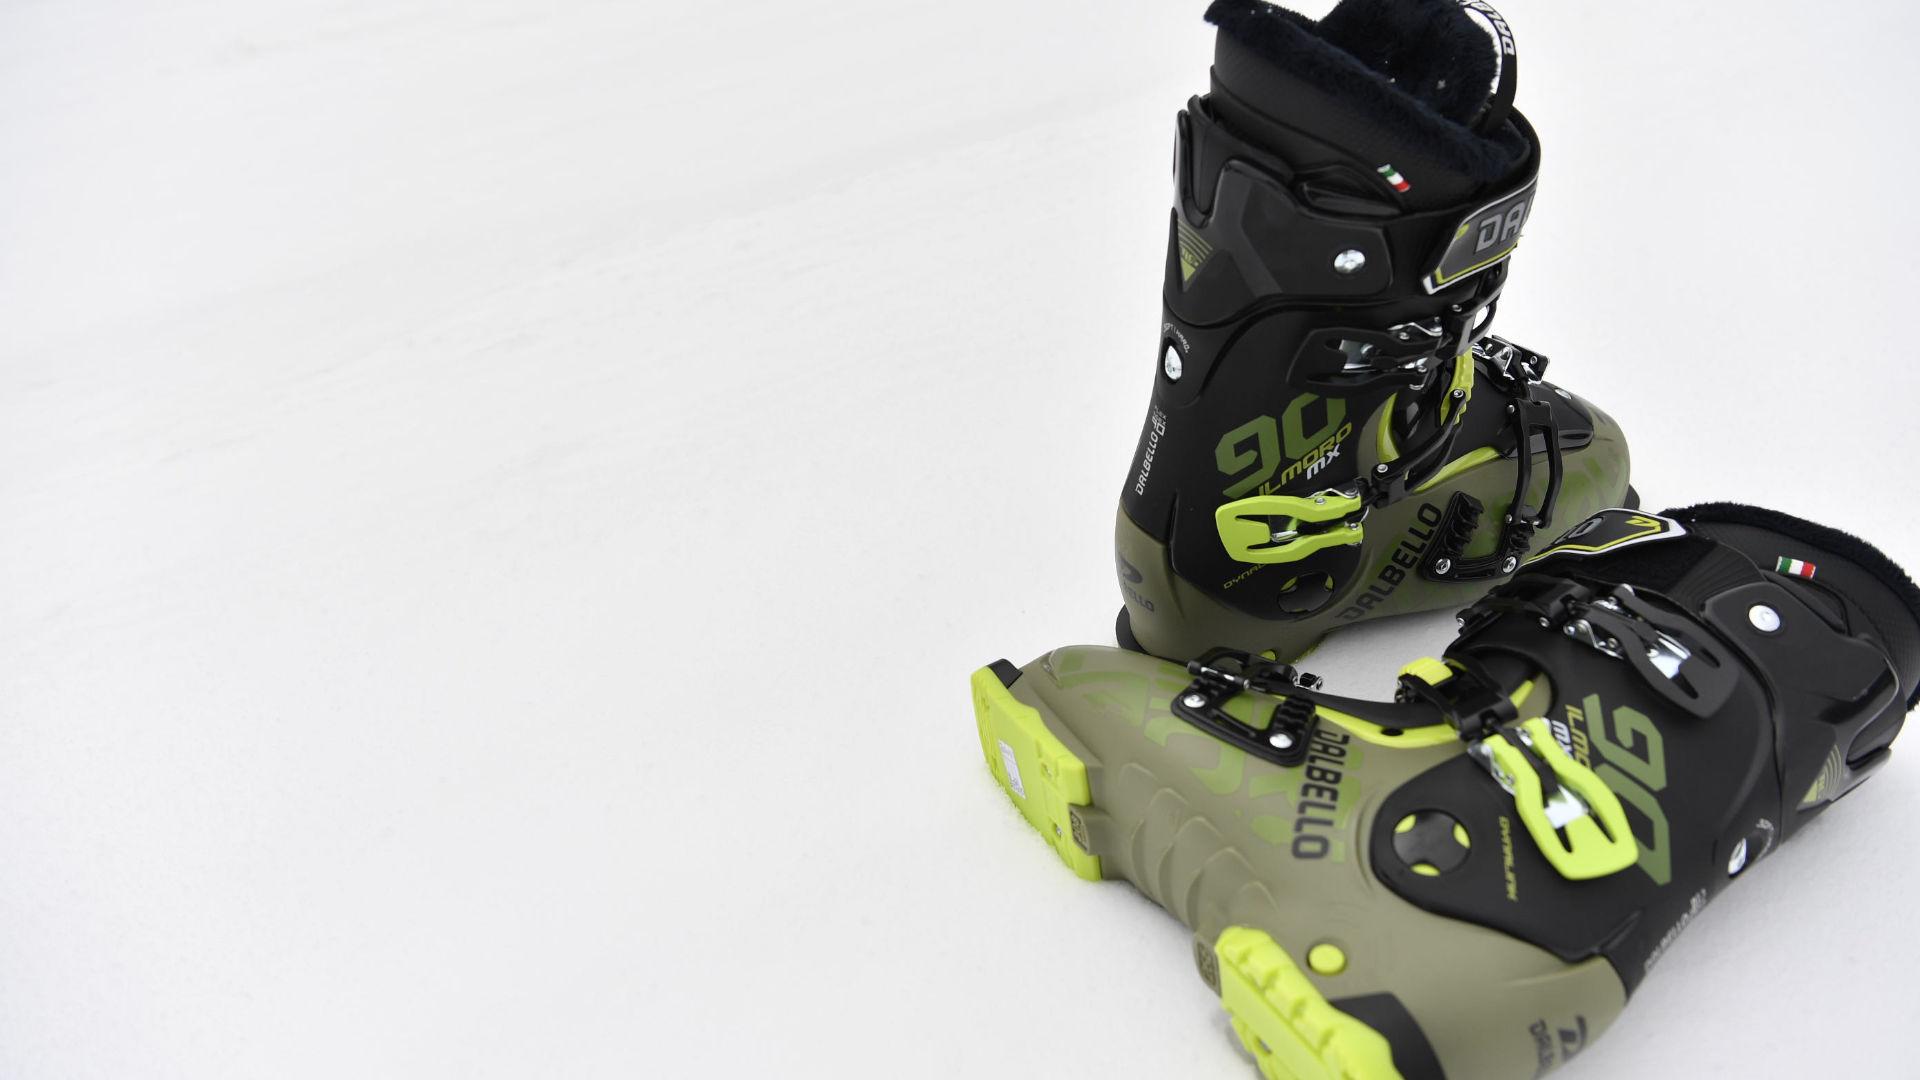 A wide ski boot from Dalbello